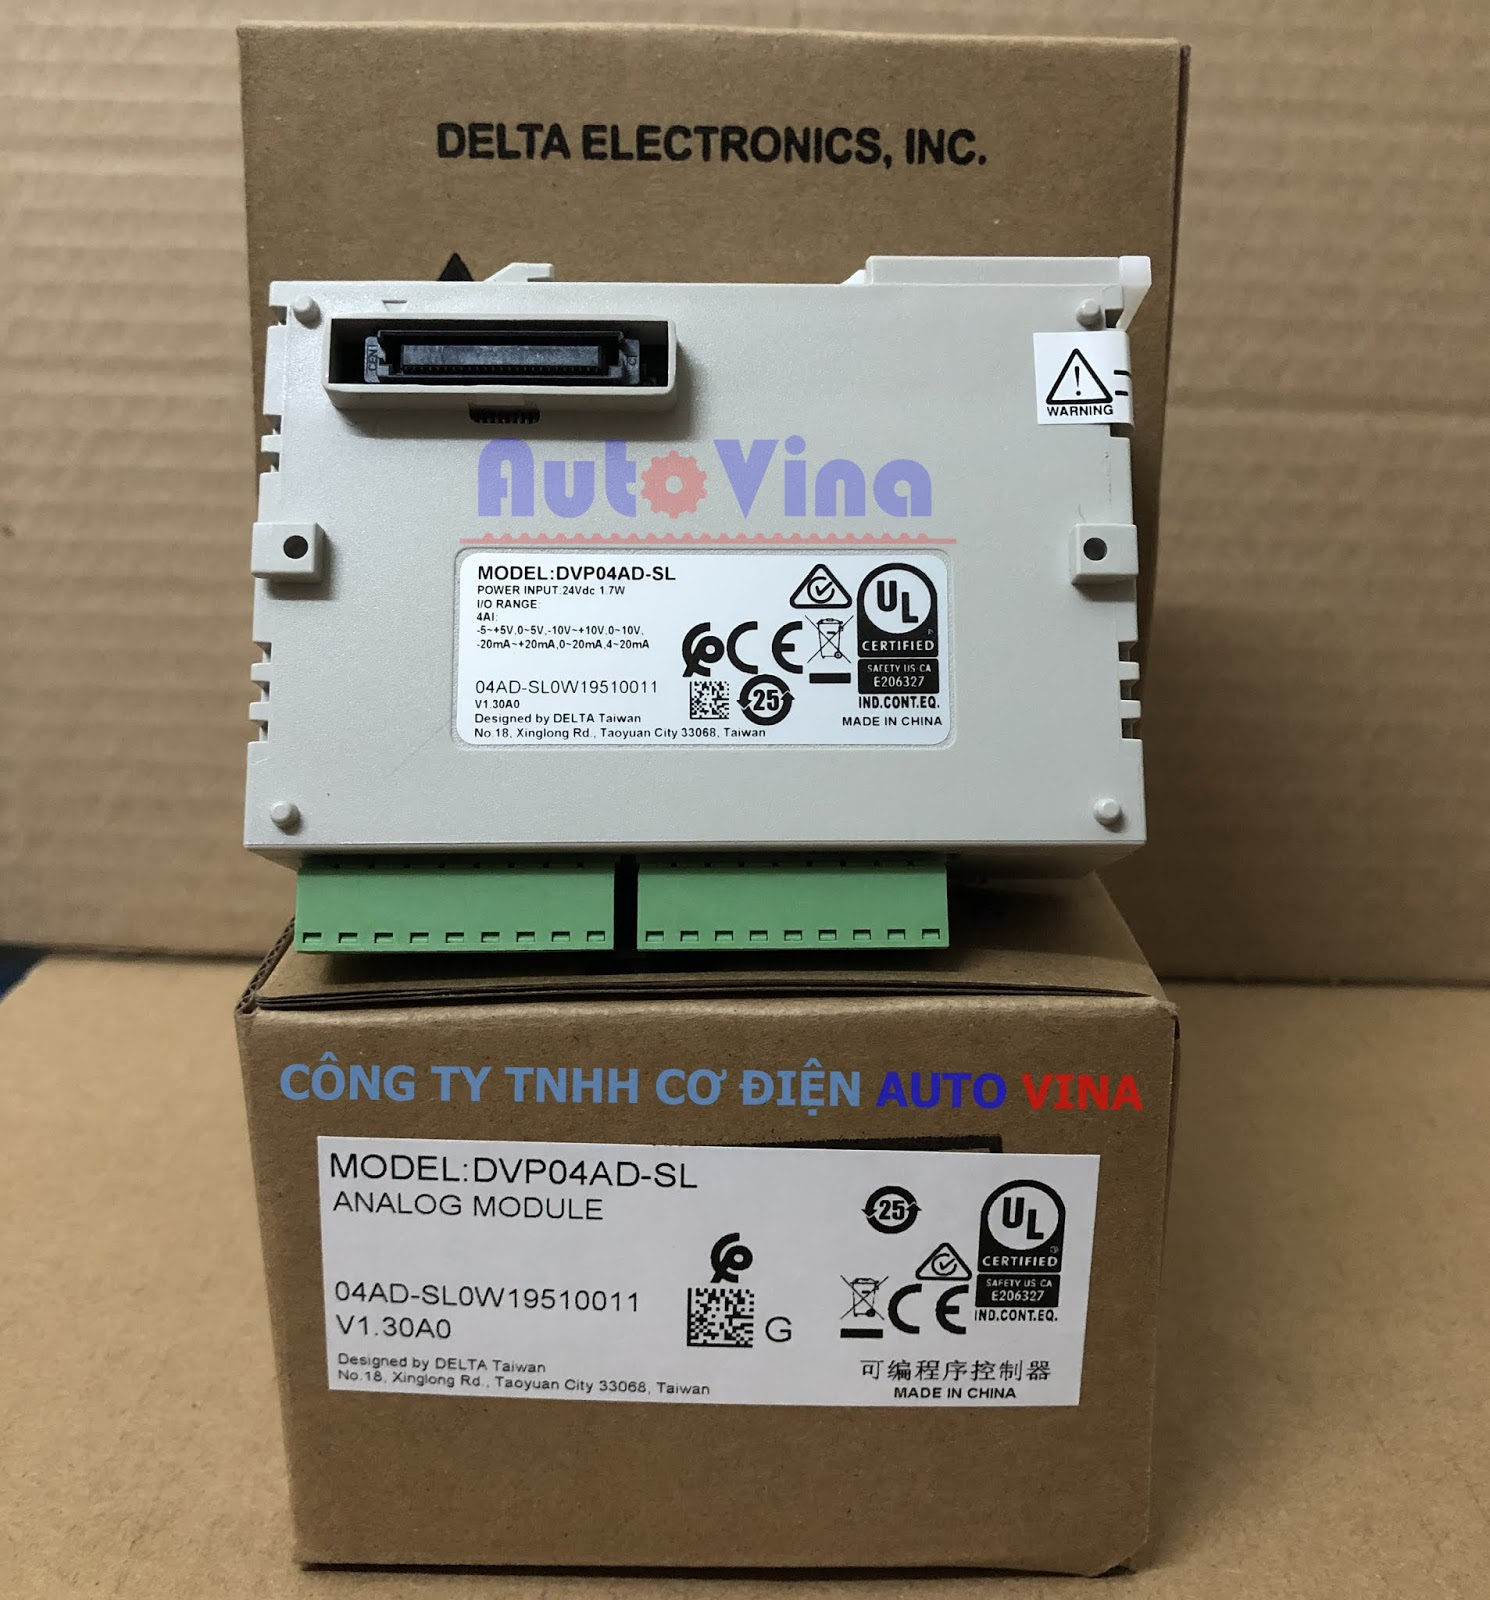 Đại lý bán module analog PLC Delta DVP04AD-SL 4 ngõ vào analog